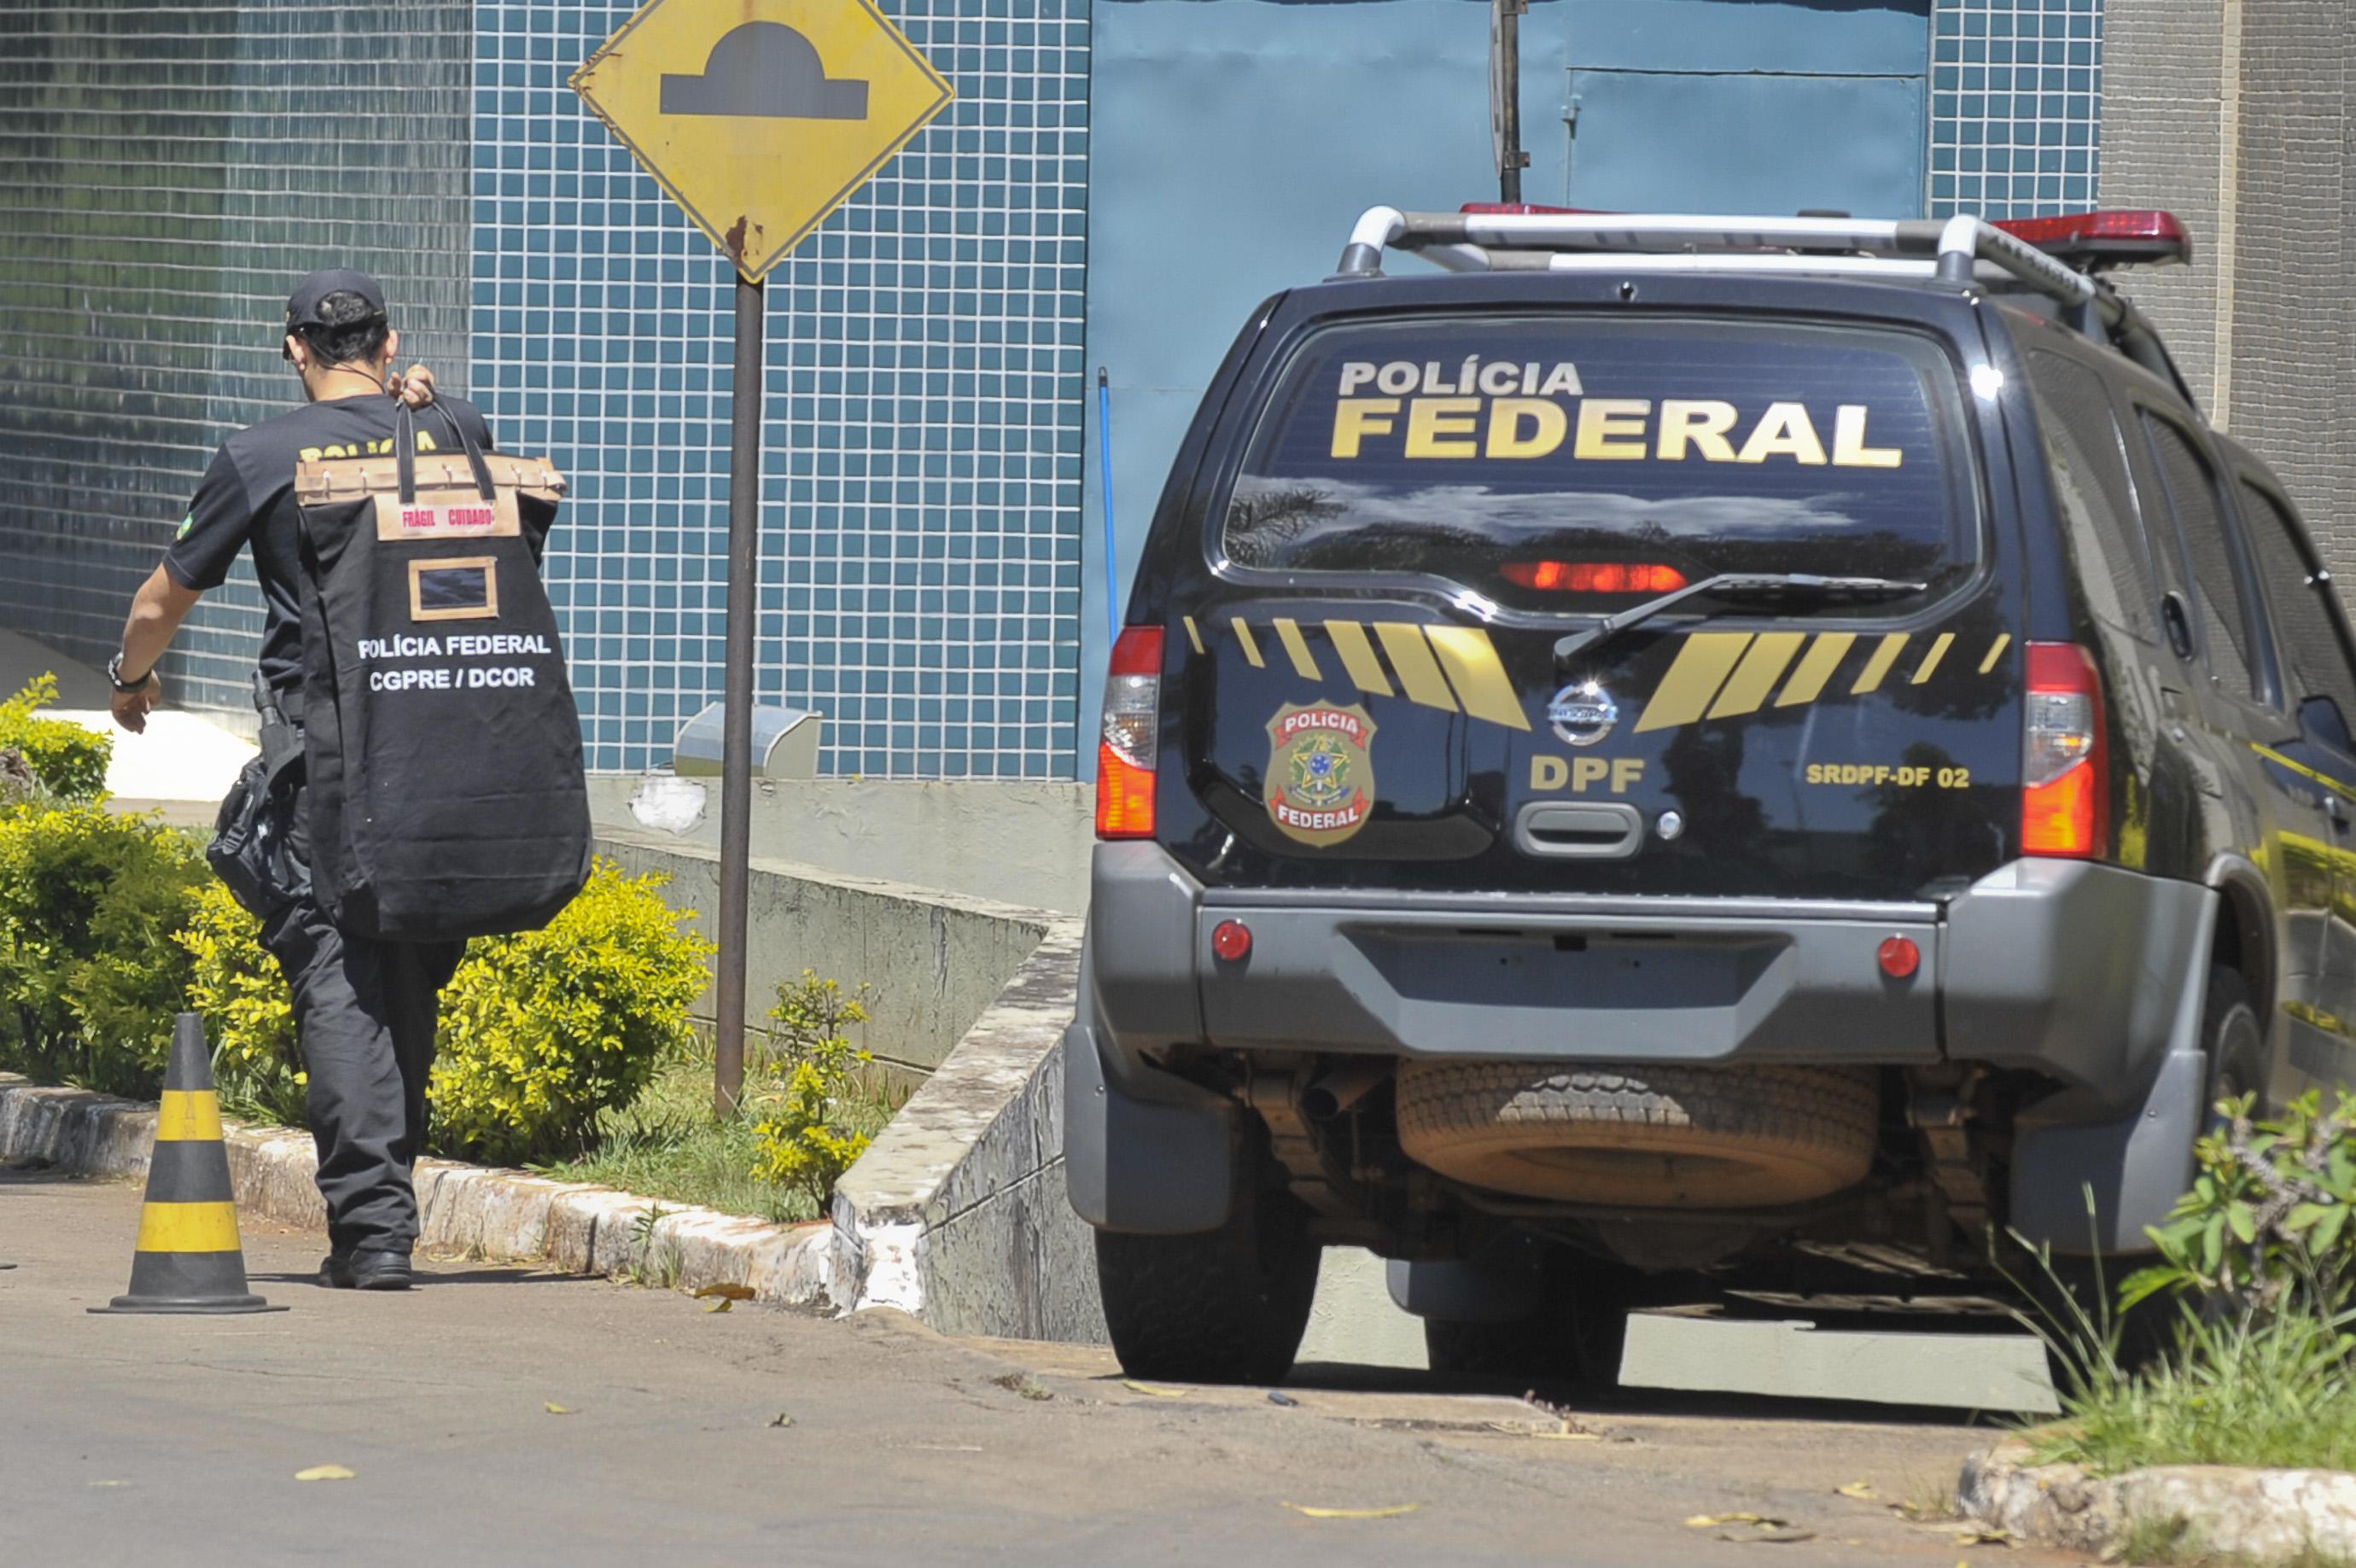 Corte de R$ 133 milhões no orçamento da PF inquieta delegados